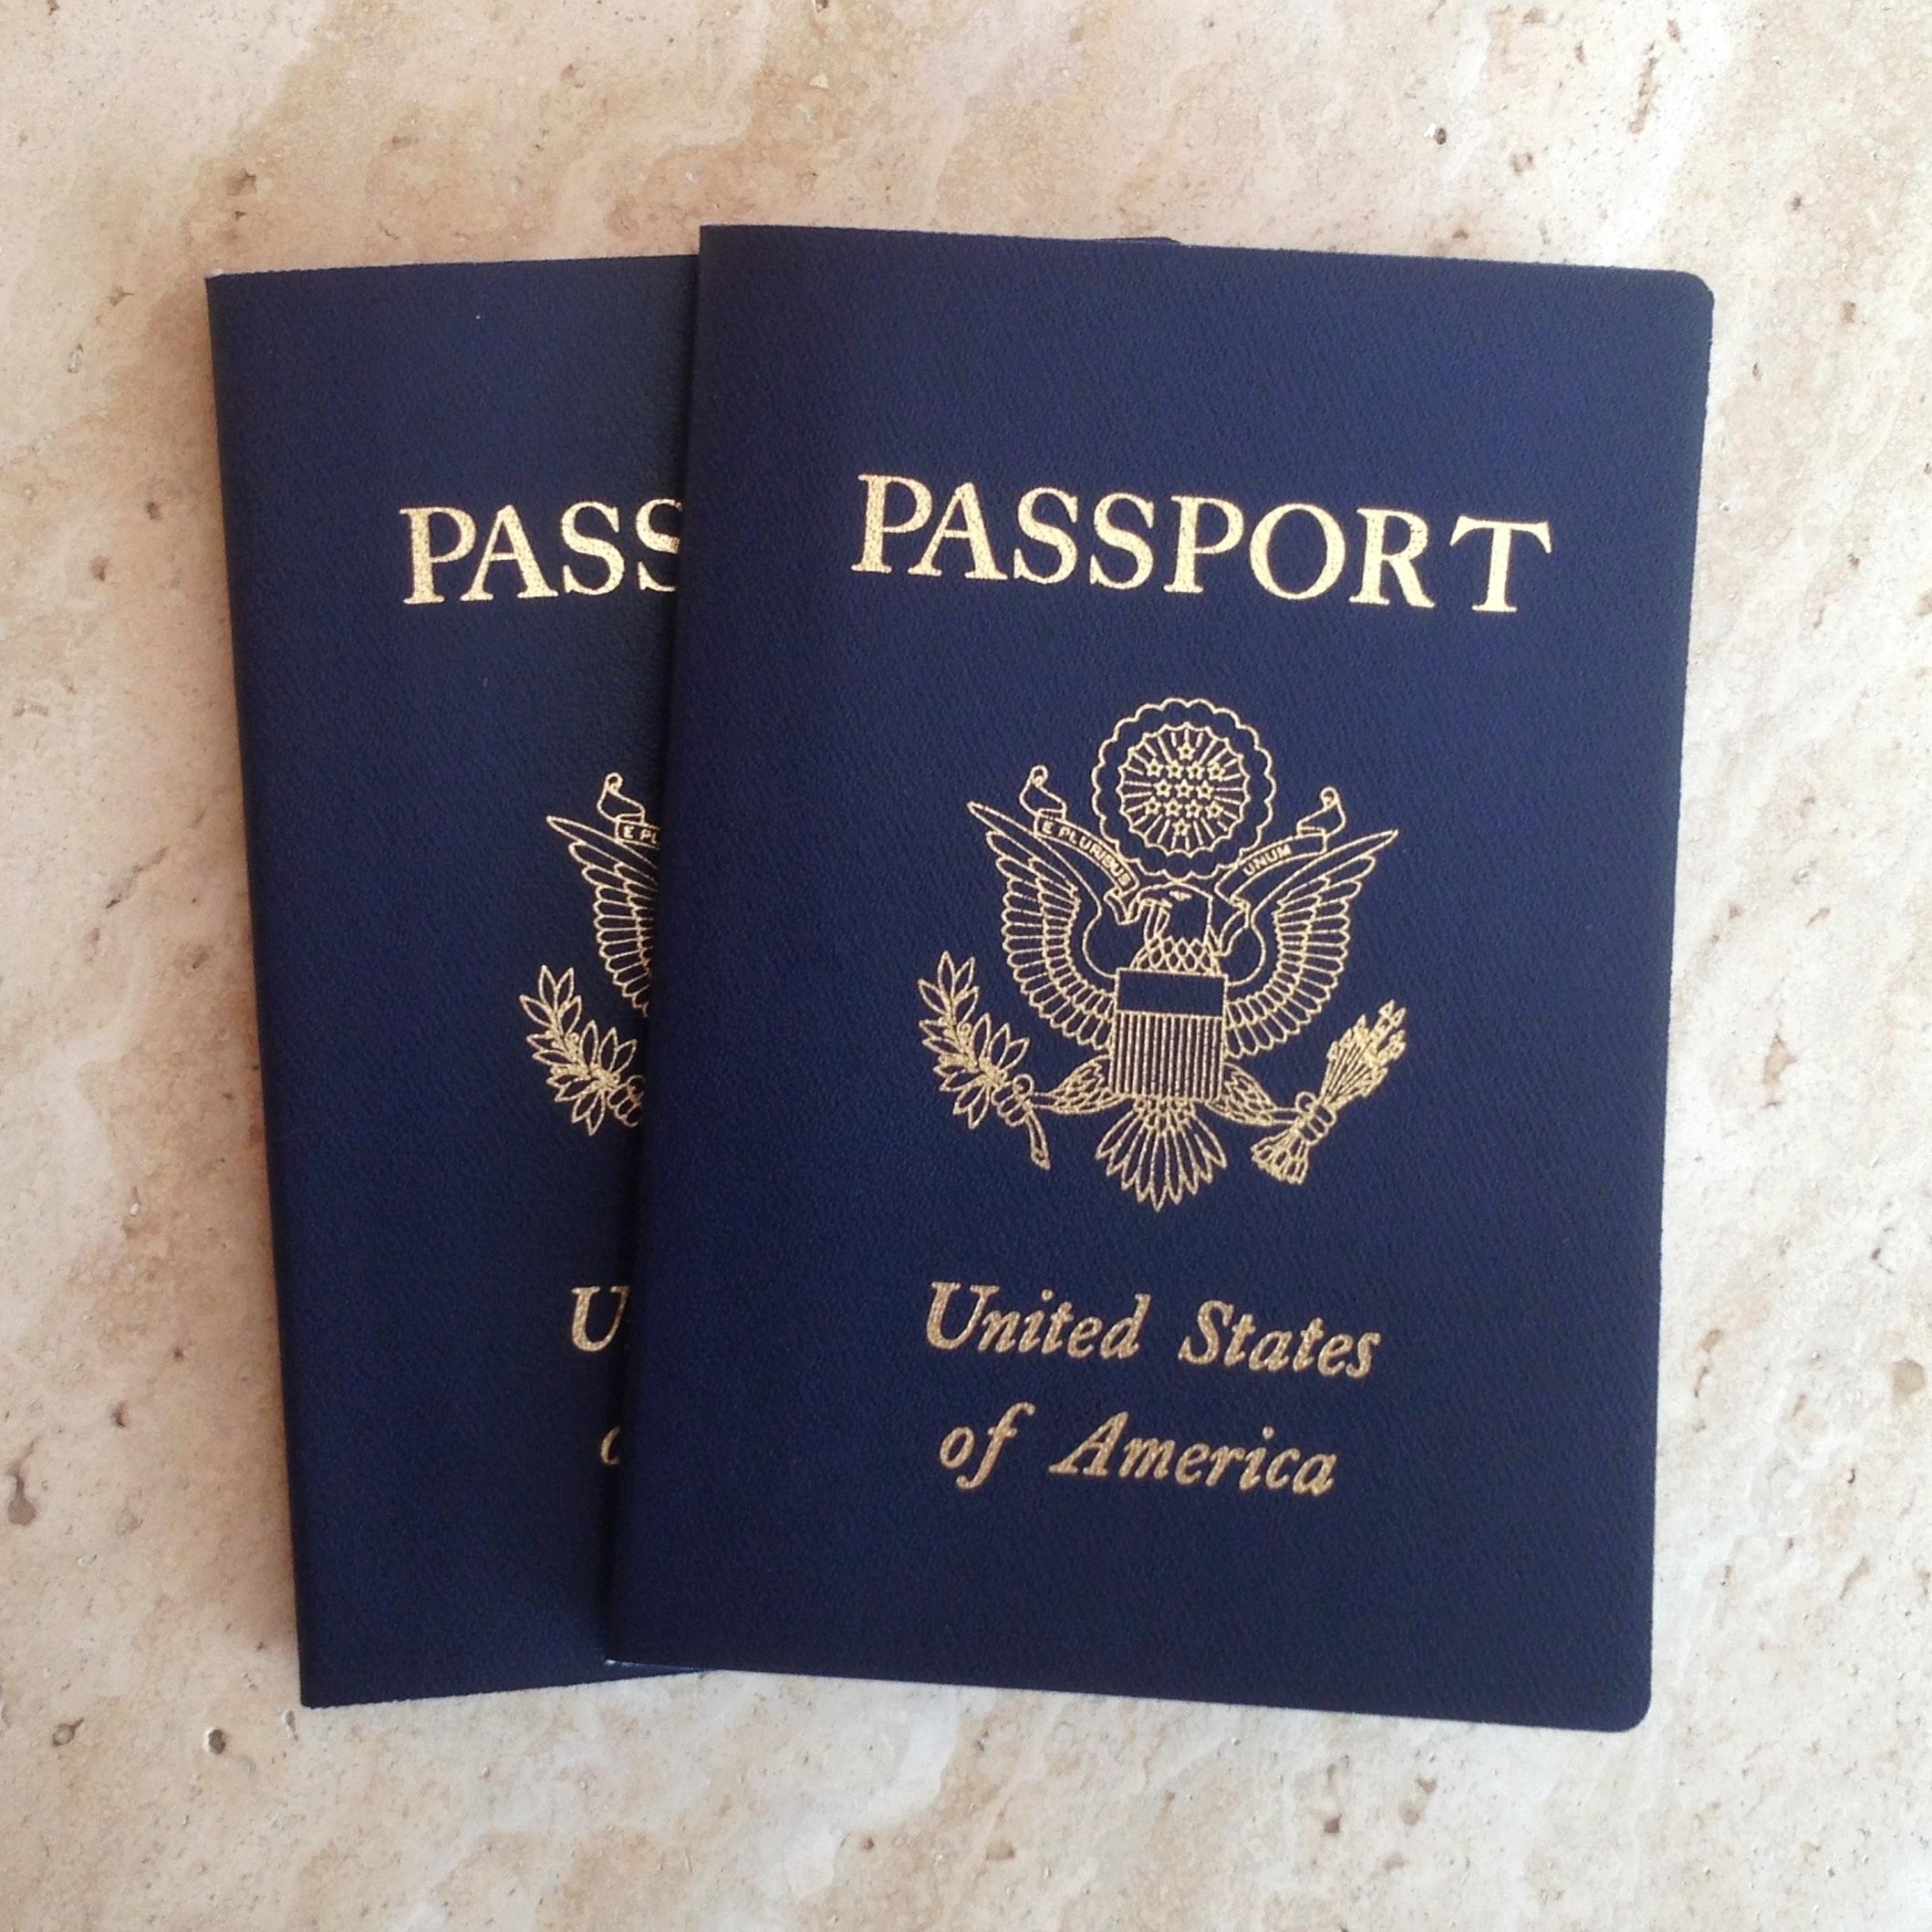 Bí mật về màu sắc trên cuốn hộ chiếu của các nước - Ảnh 3.